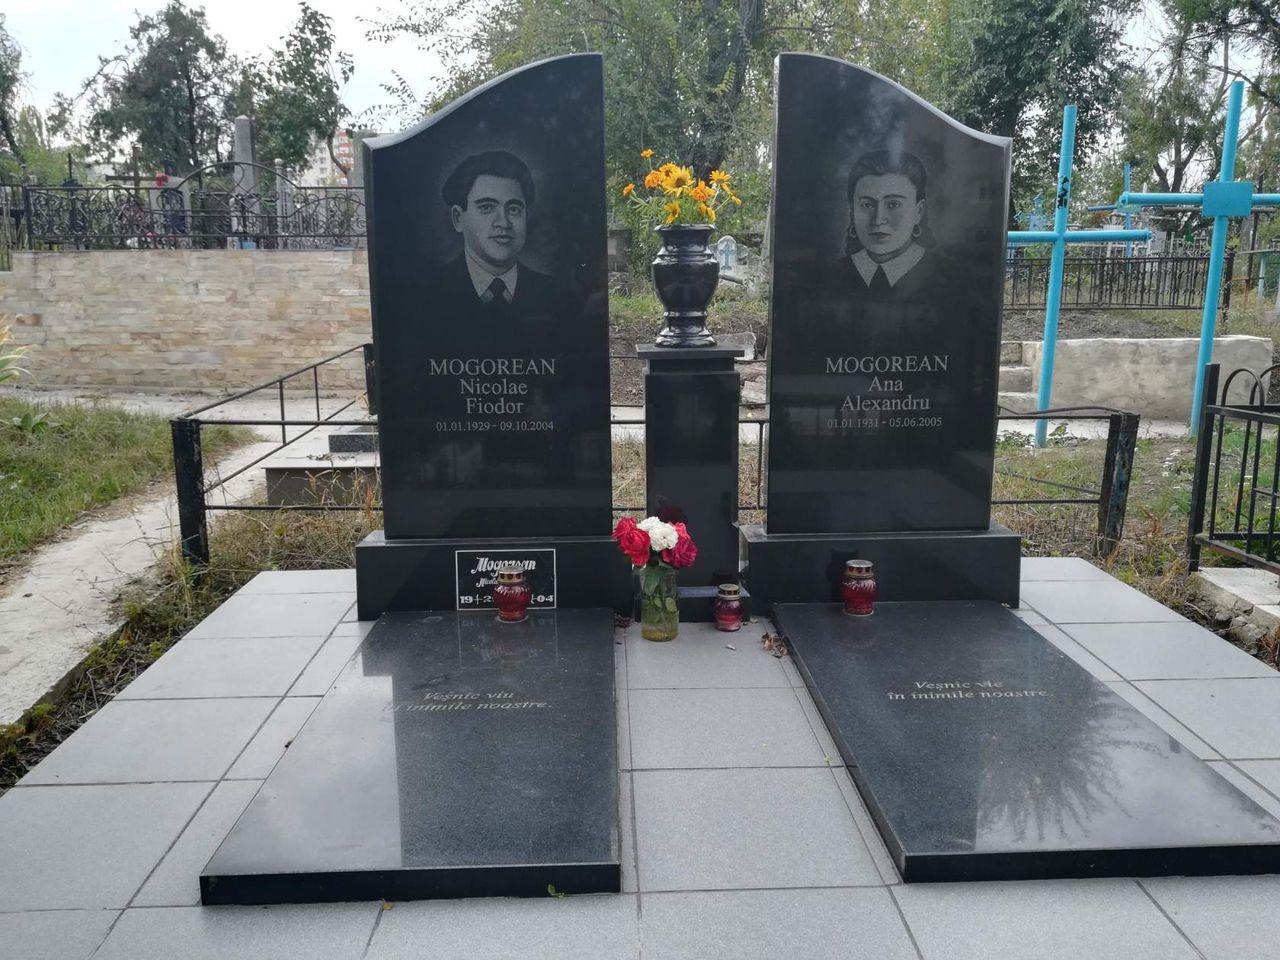 Купить памятник на могилу цена л  официальный памятник angel купить xtreme